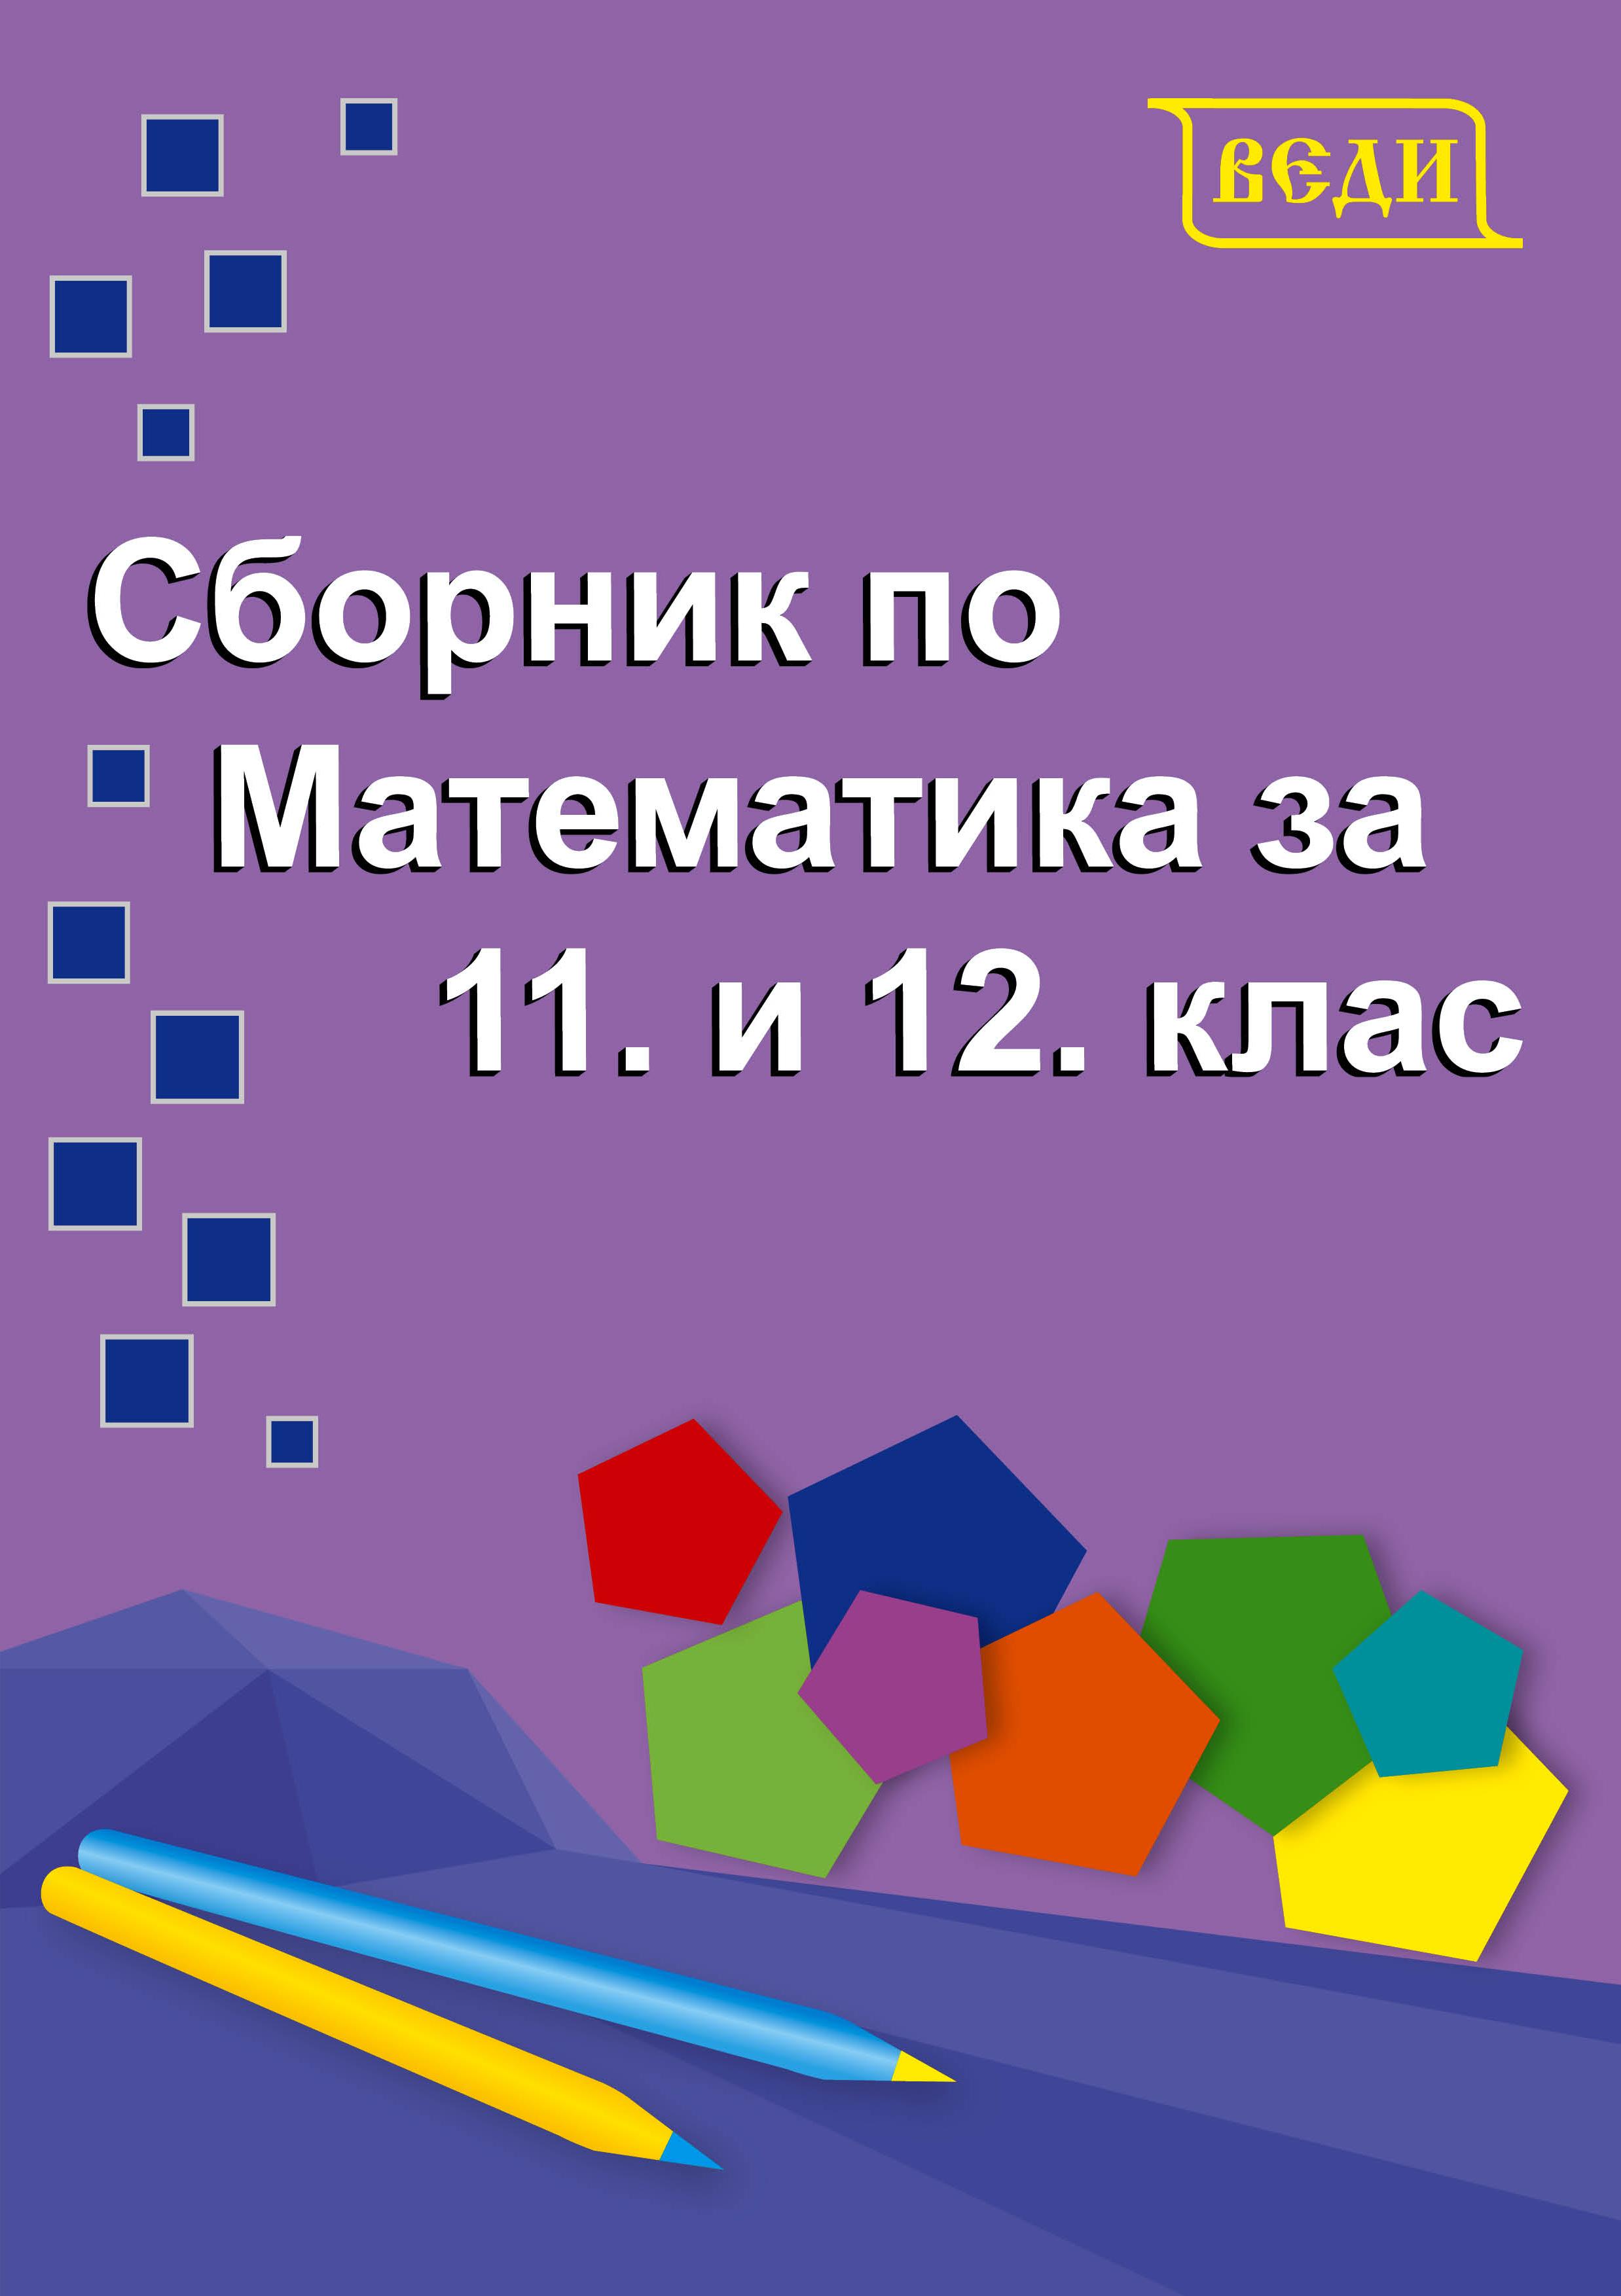 Сборник по математика за 11. и 12. клас  (общообразователна подготовка)